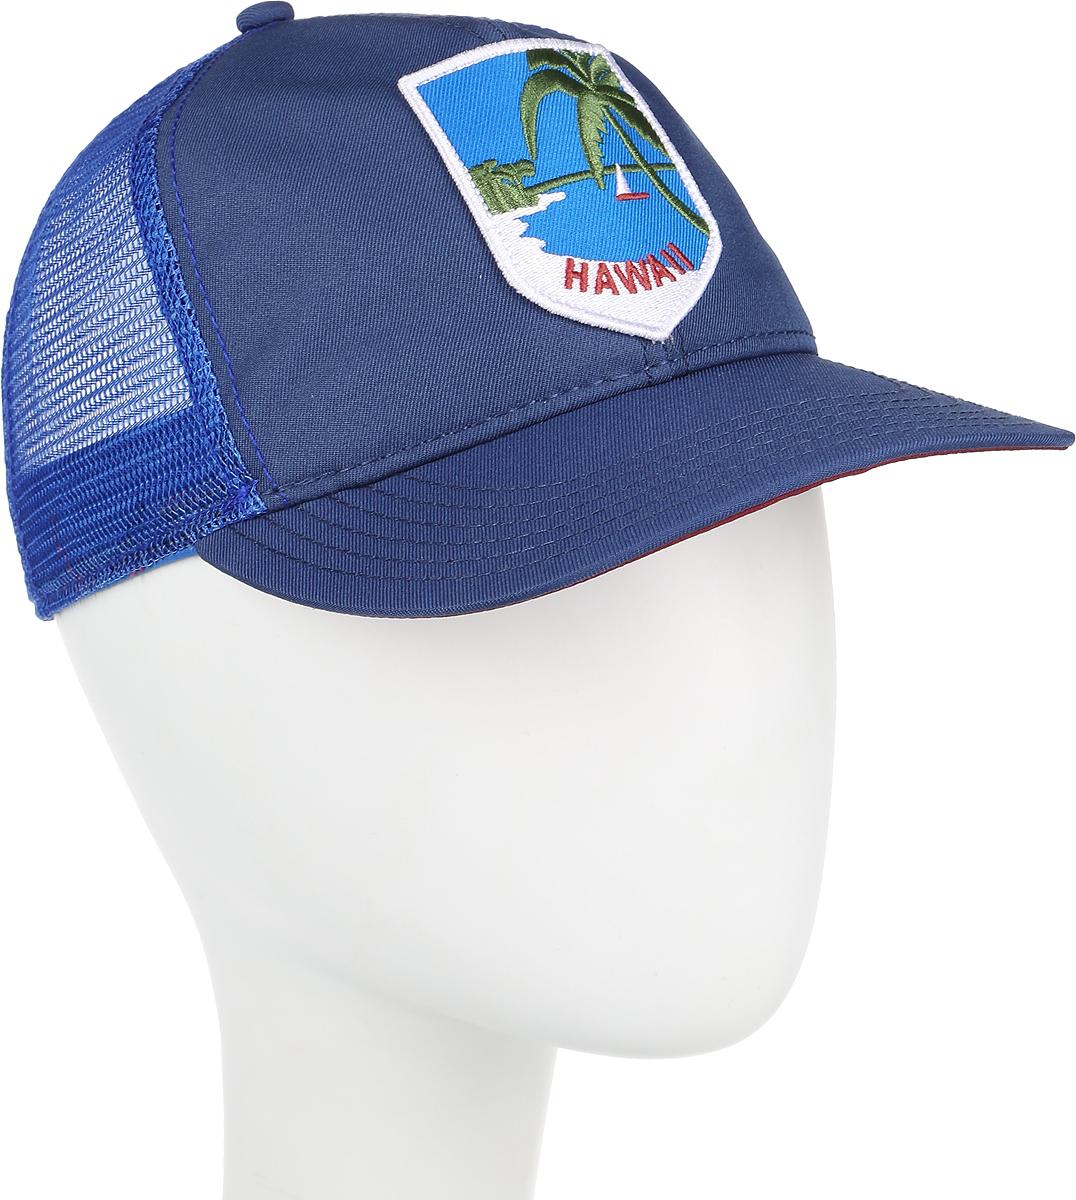 Бейсболка Goorin Brothers HAPPY PLACE, цвет: синий. 91-180-06-00. Размер универсальный91-180-06-00HAPPY PLACE - классическая бейсболка-тракер, сшитая с сеточкой в задней части. Сзади также имеется пластиковый ремешок для регулировки по размеру головы. На передней панели нашивка с изображением тропического побережья и надписью HAWAII. Отличный, простой и надежный летний вариант на любой случай.